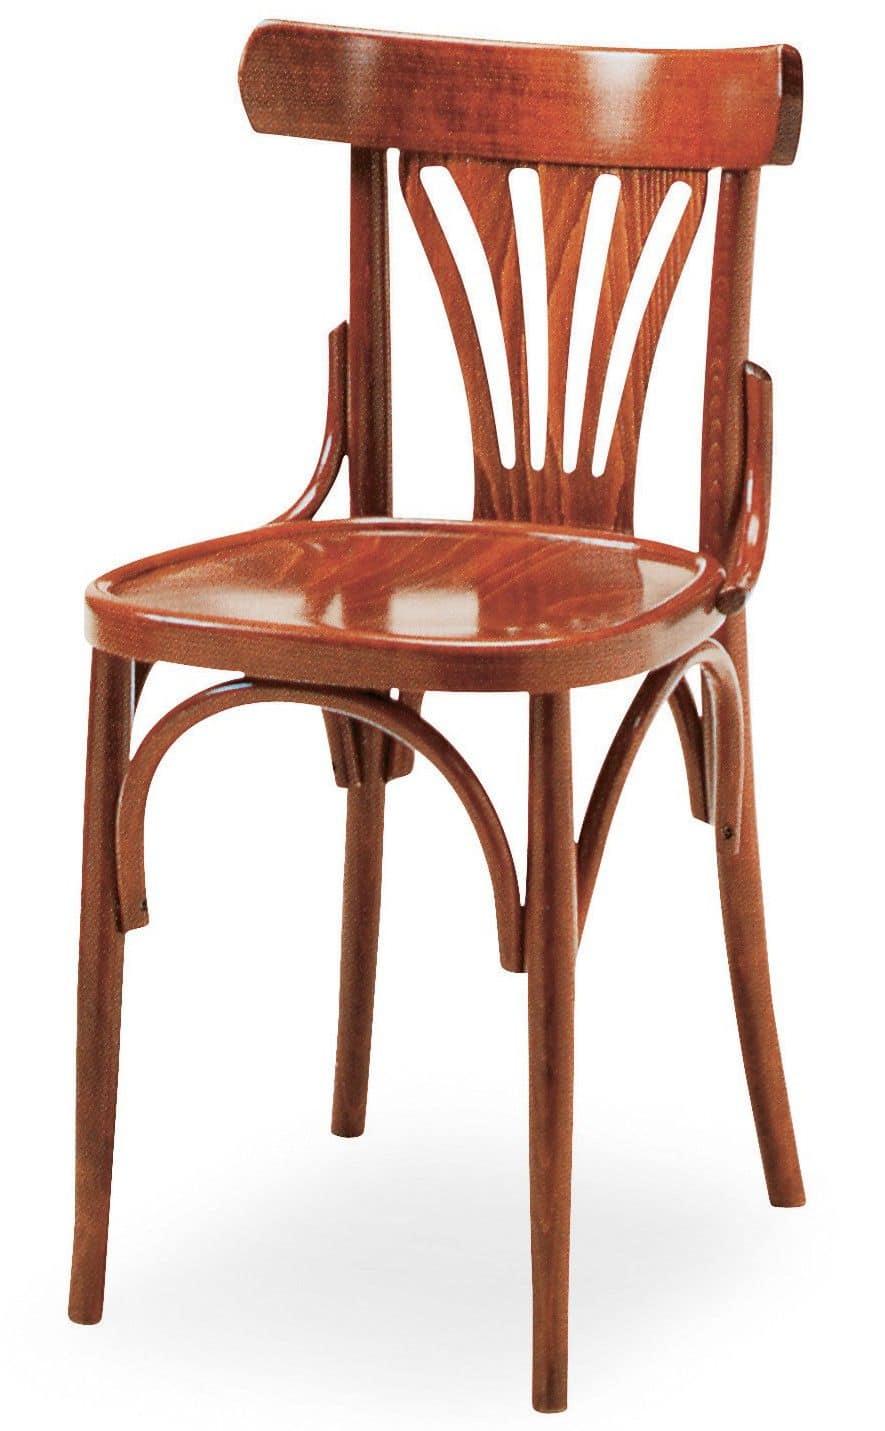 B06 sedia in legno curvato per bar idfdesign for Sedie di design in legno